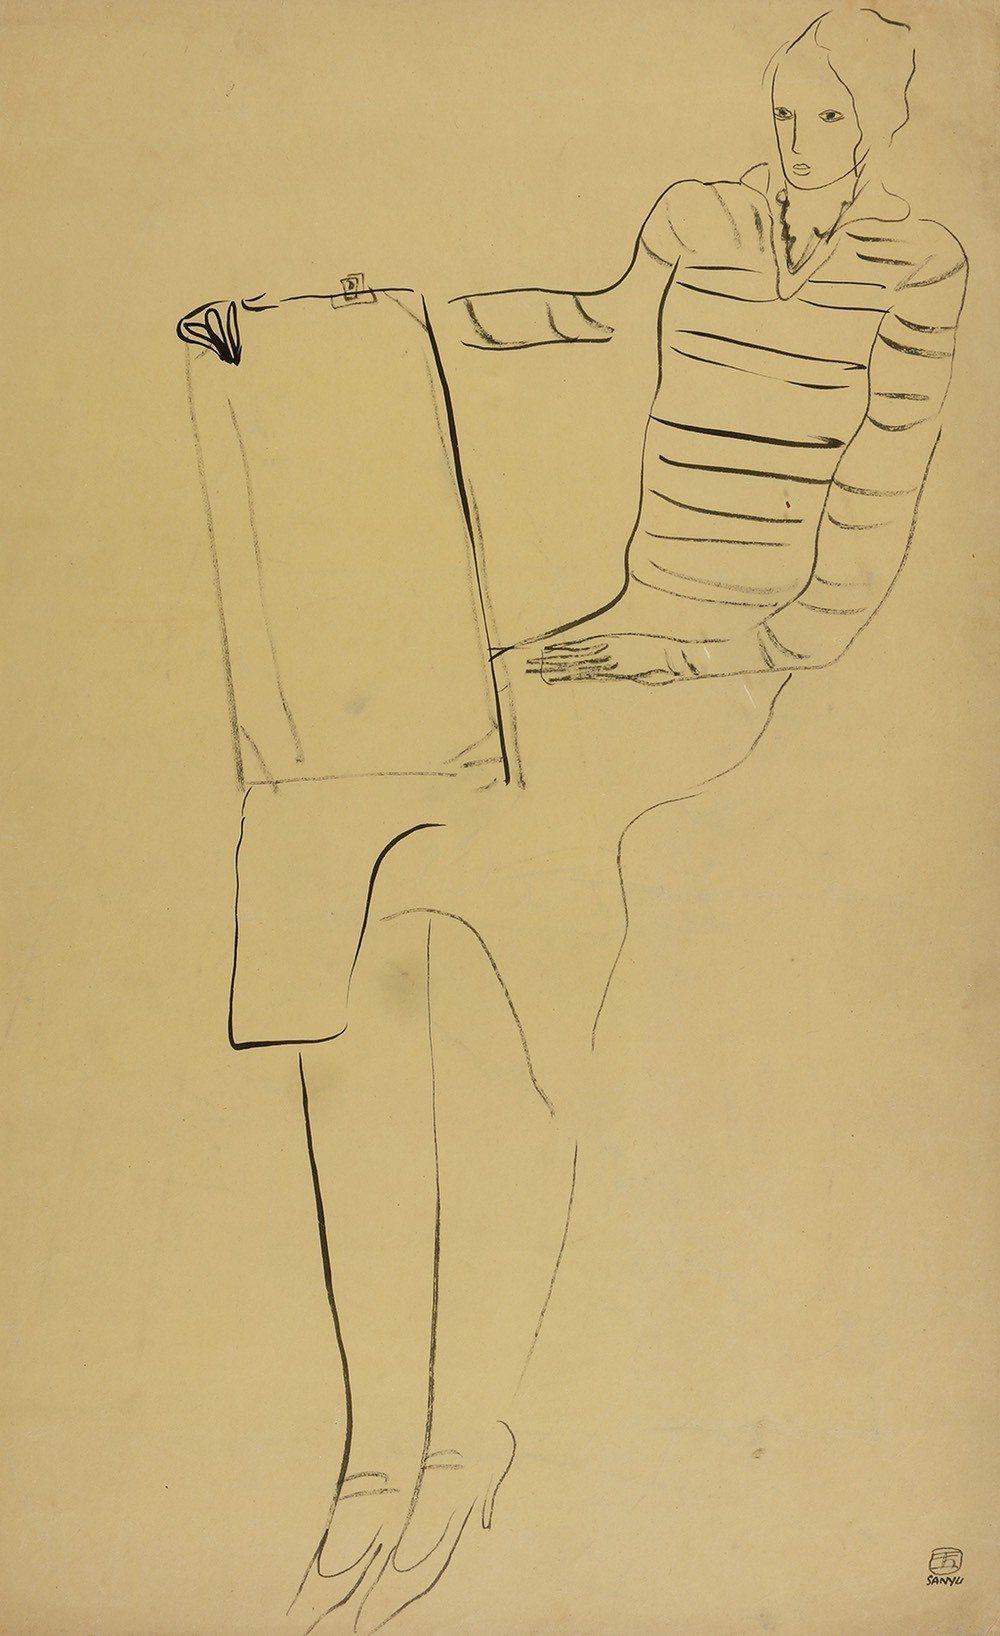 華人油畫藝術大師常玉於1920至1930年所創作「人物」,為素描紙本,起拍價60...